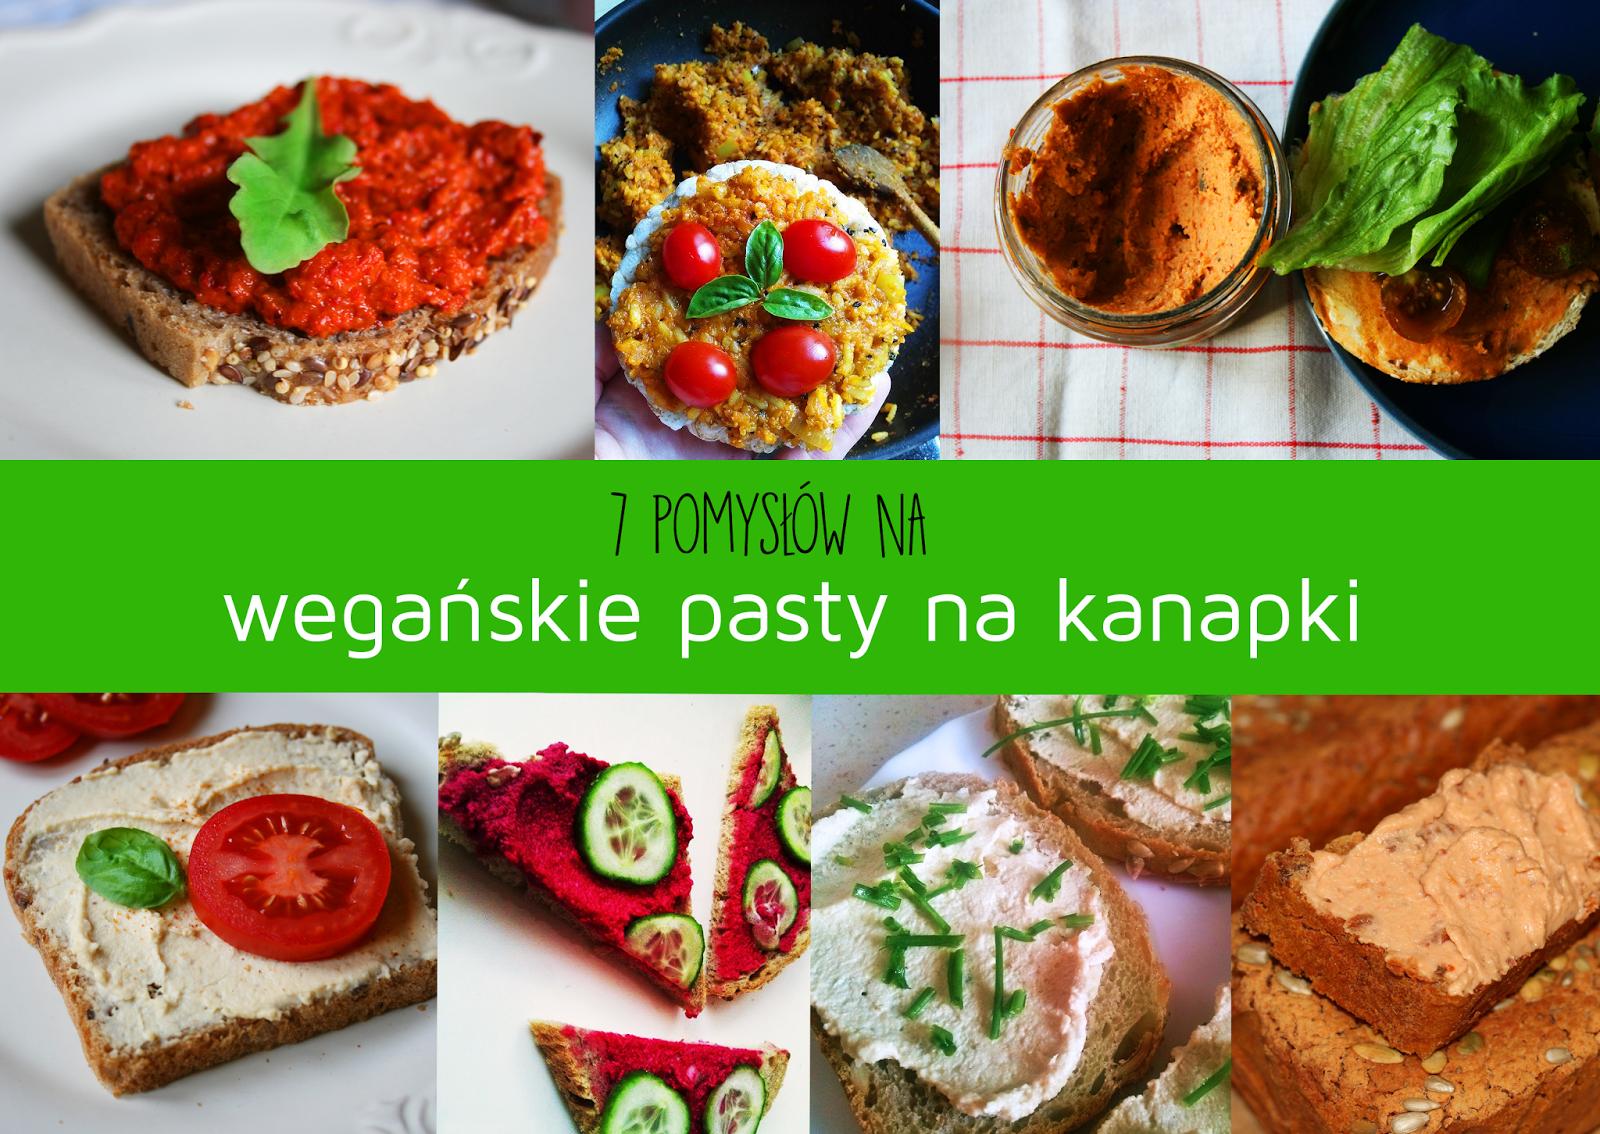 7 pomysłów na wegańskie pasty na kanapki